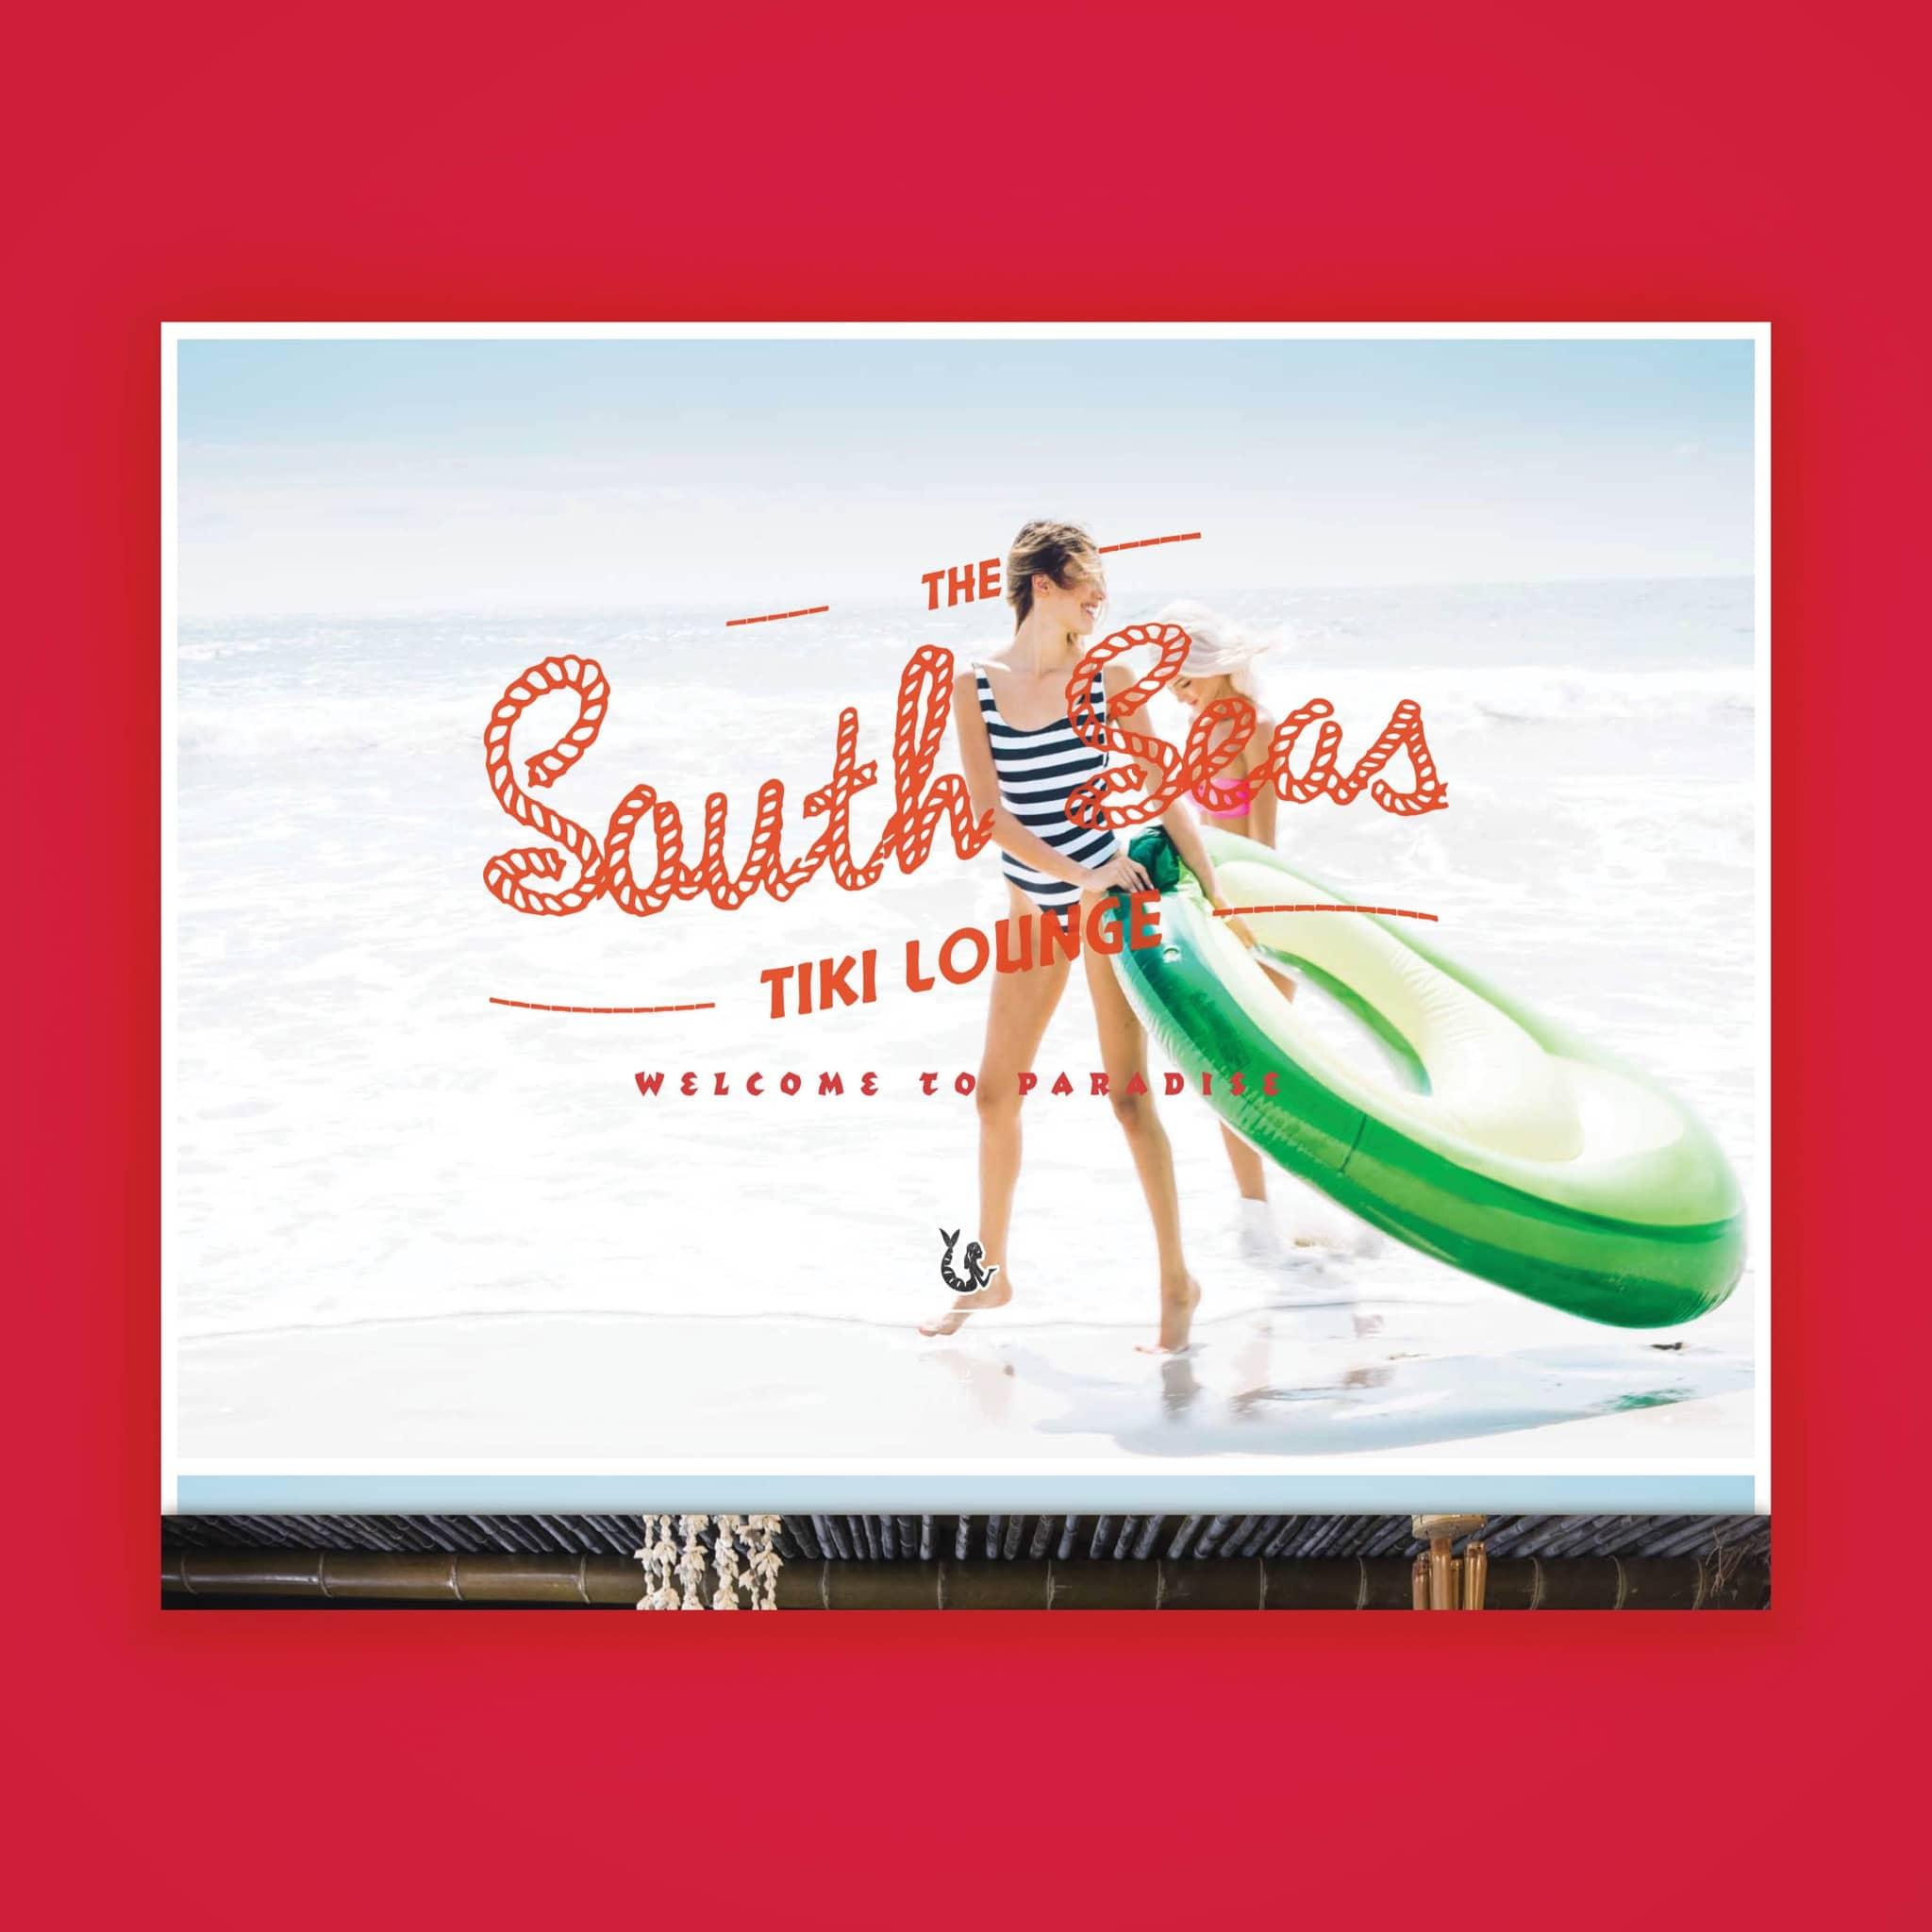 South Seas - website by Brand Engine